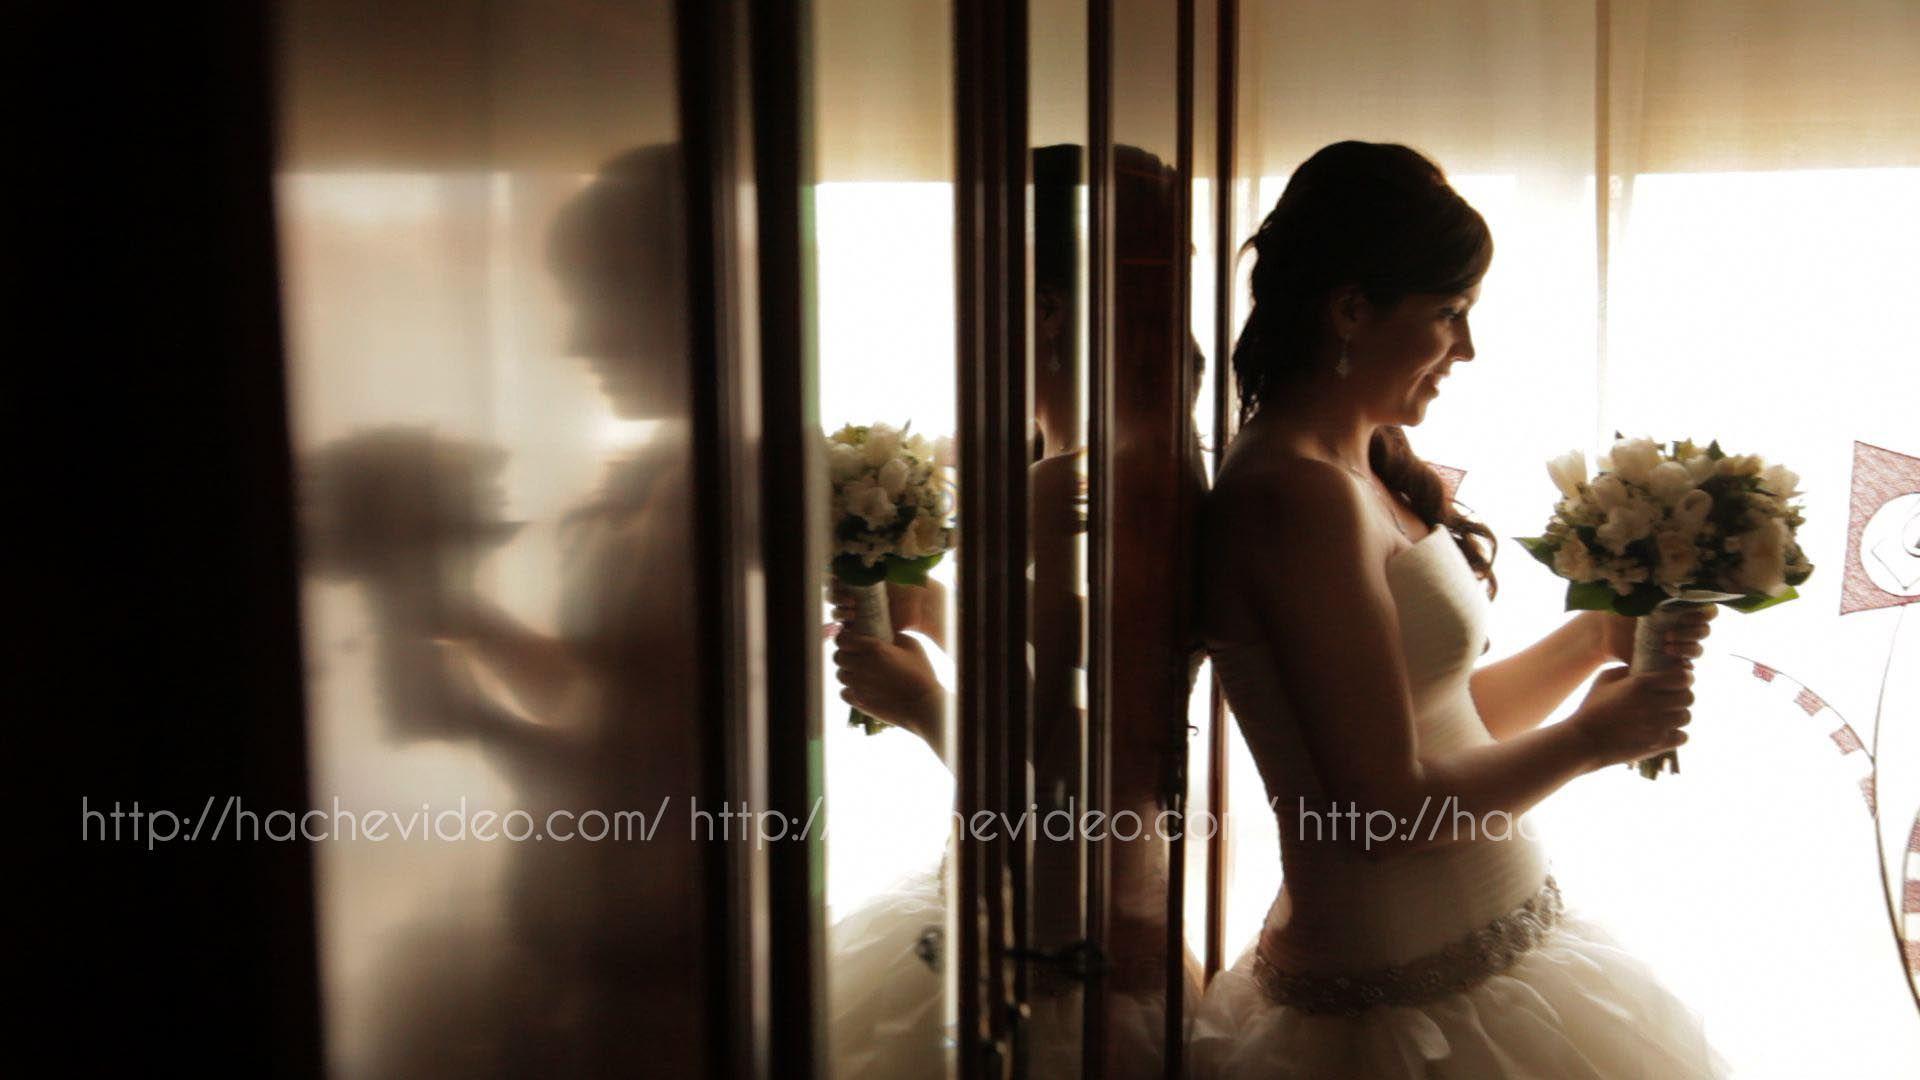 Riky + Majo. Hache vídeo. http://hachevideo.com/ boda Valencia